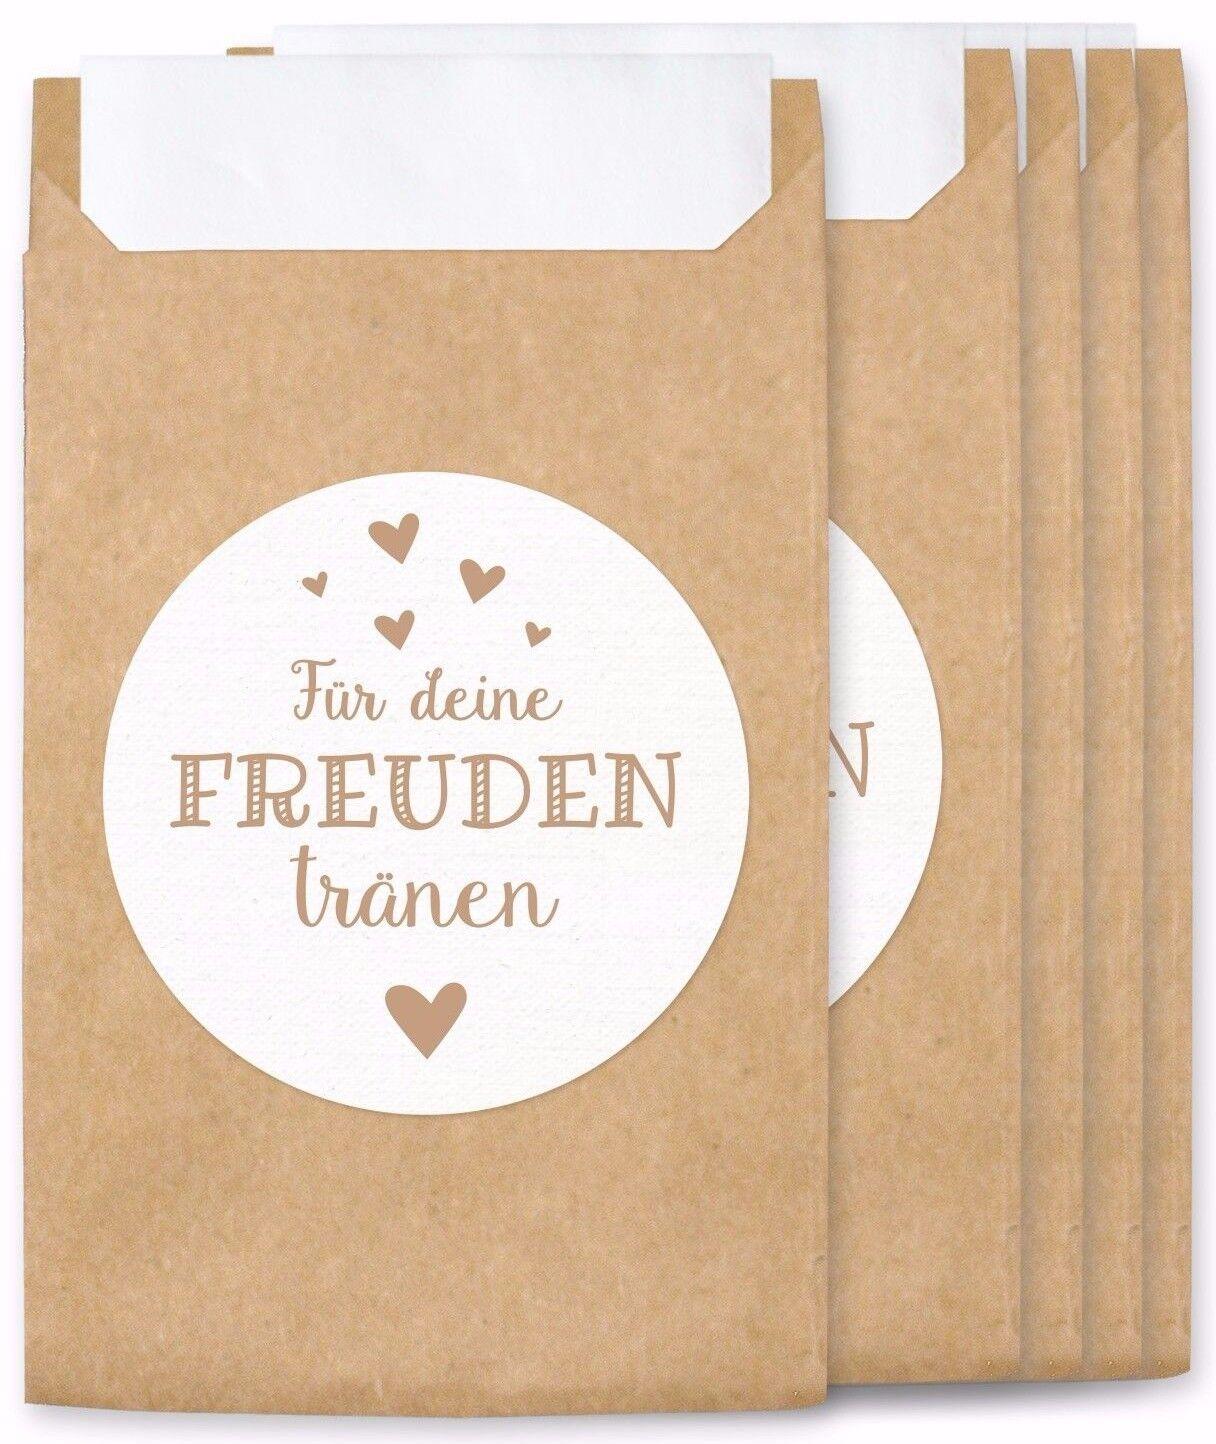 Freudentränen Flachbeutel & Sticker für Hochzeit Taschentücher Mini Papiertüten